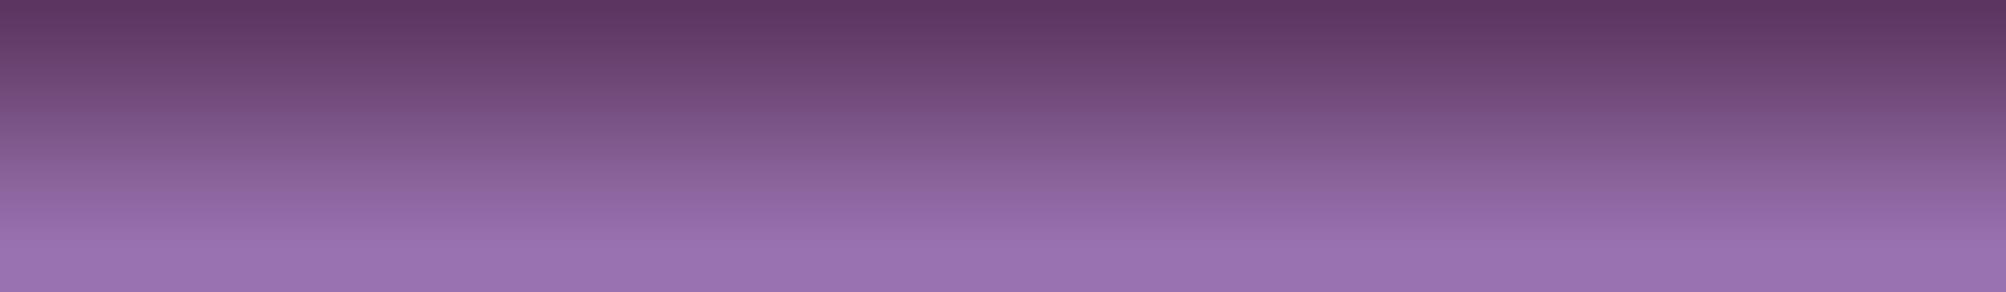 Wearotique-logo-10-RAW